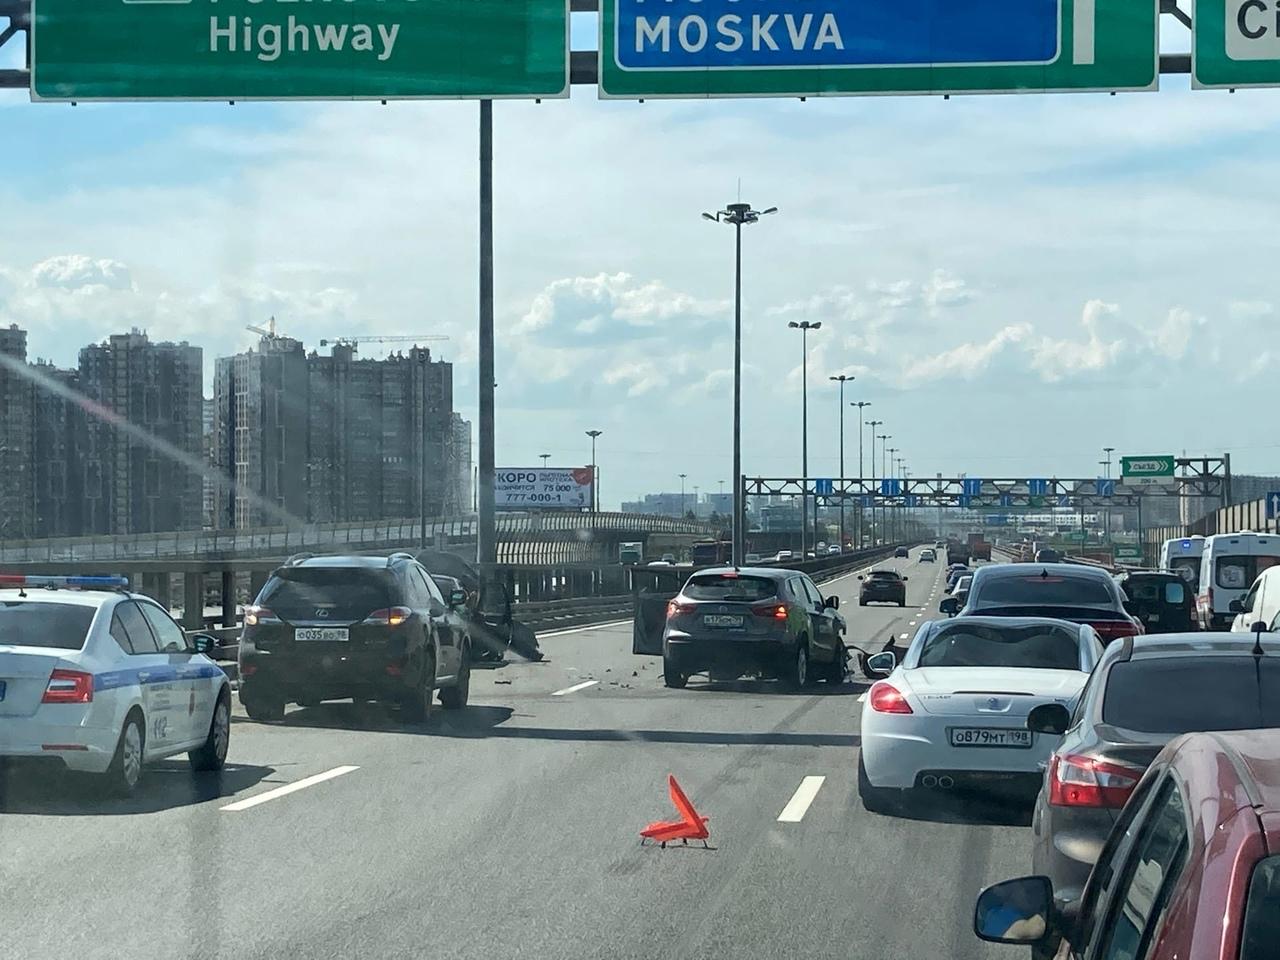 Перед съездом на Московское шоссе ужасная авария. Сильный затор.